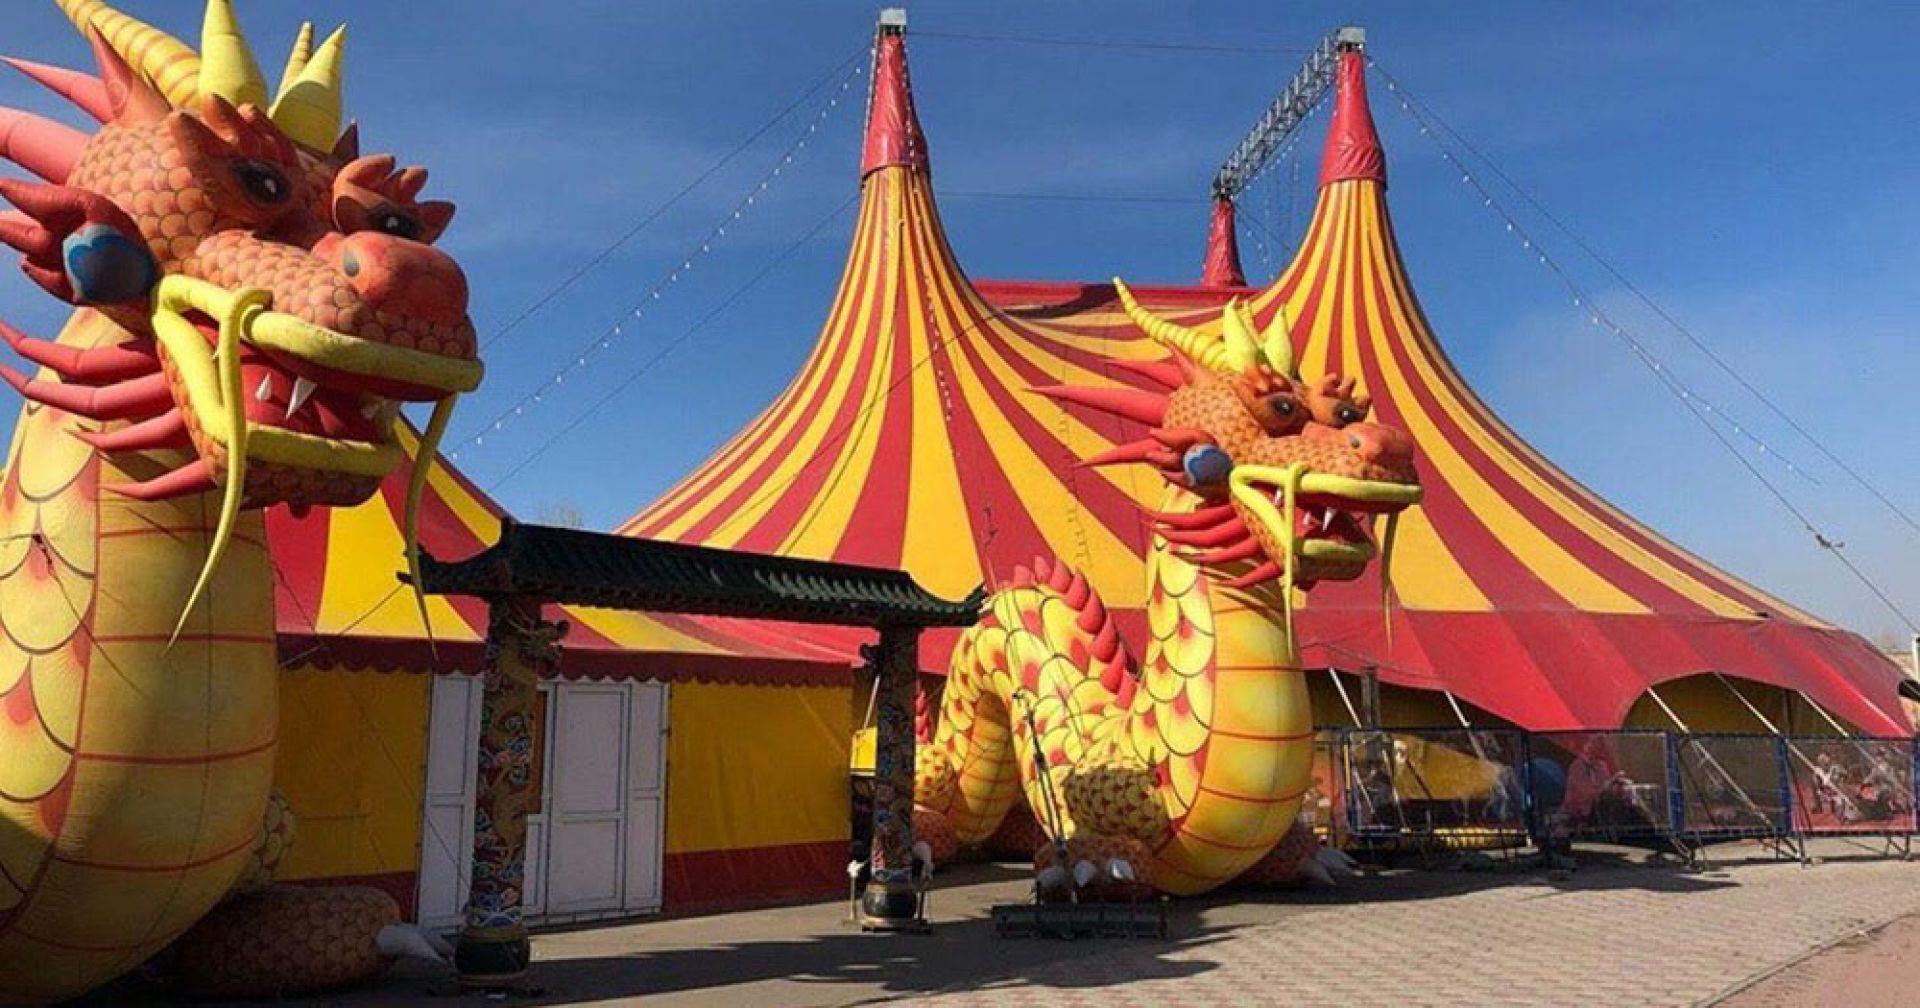 Цирк-шапито требует, чтобы новосибирская зоозащитница опровергла свои слова